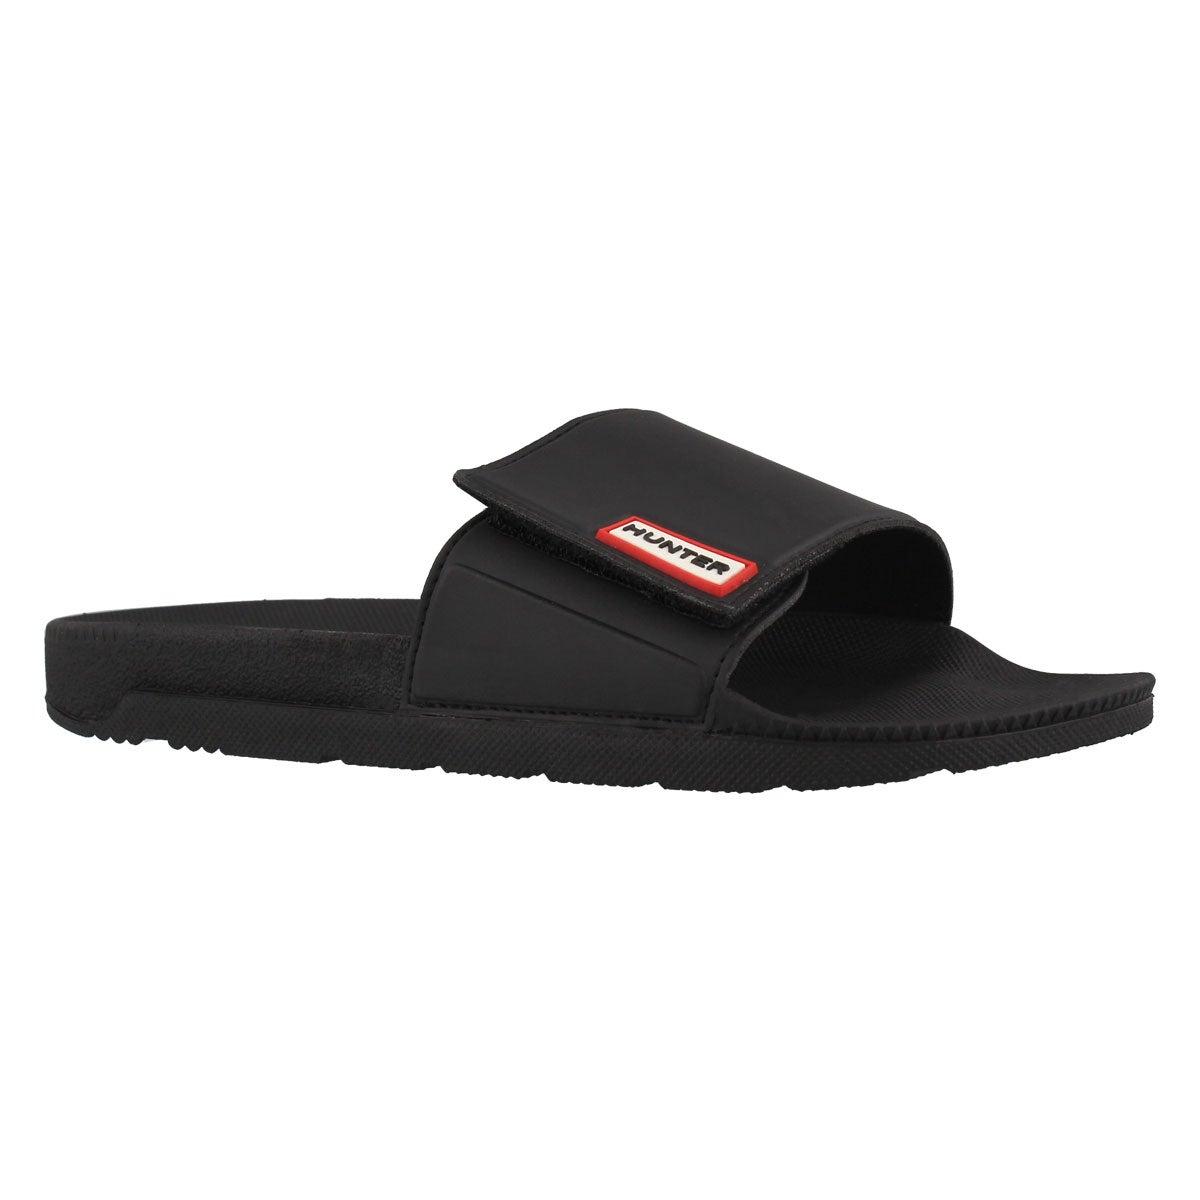 Women's ORIGINAL ADJUSTABLE SLIDE black sandals